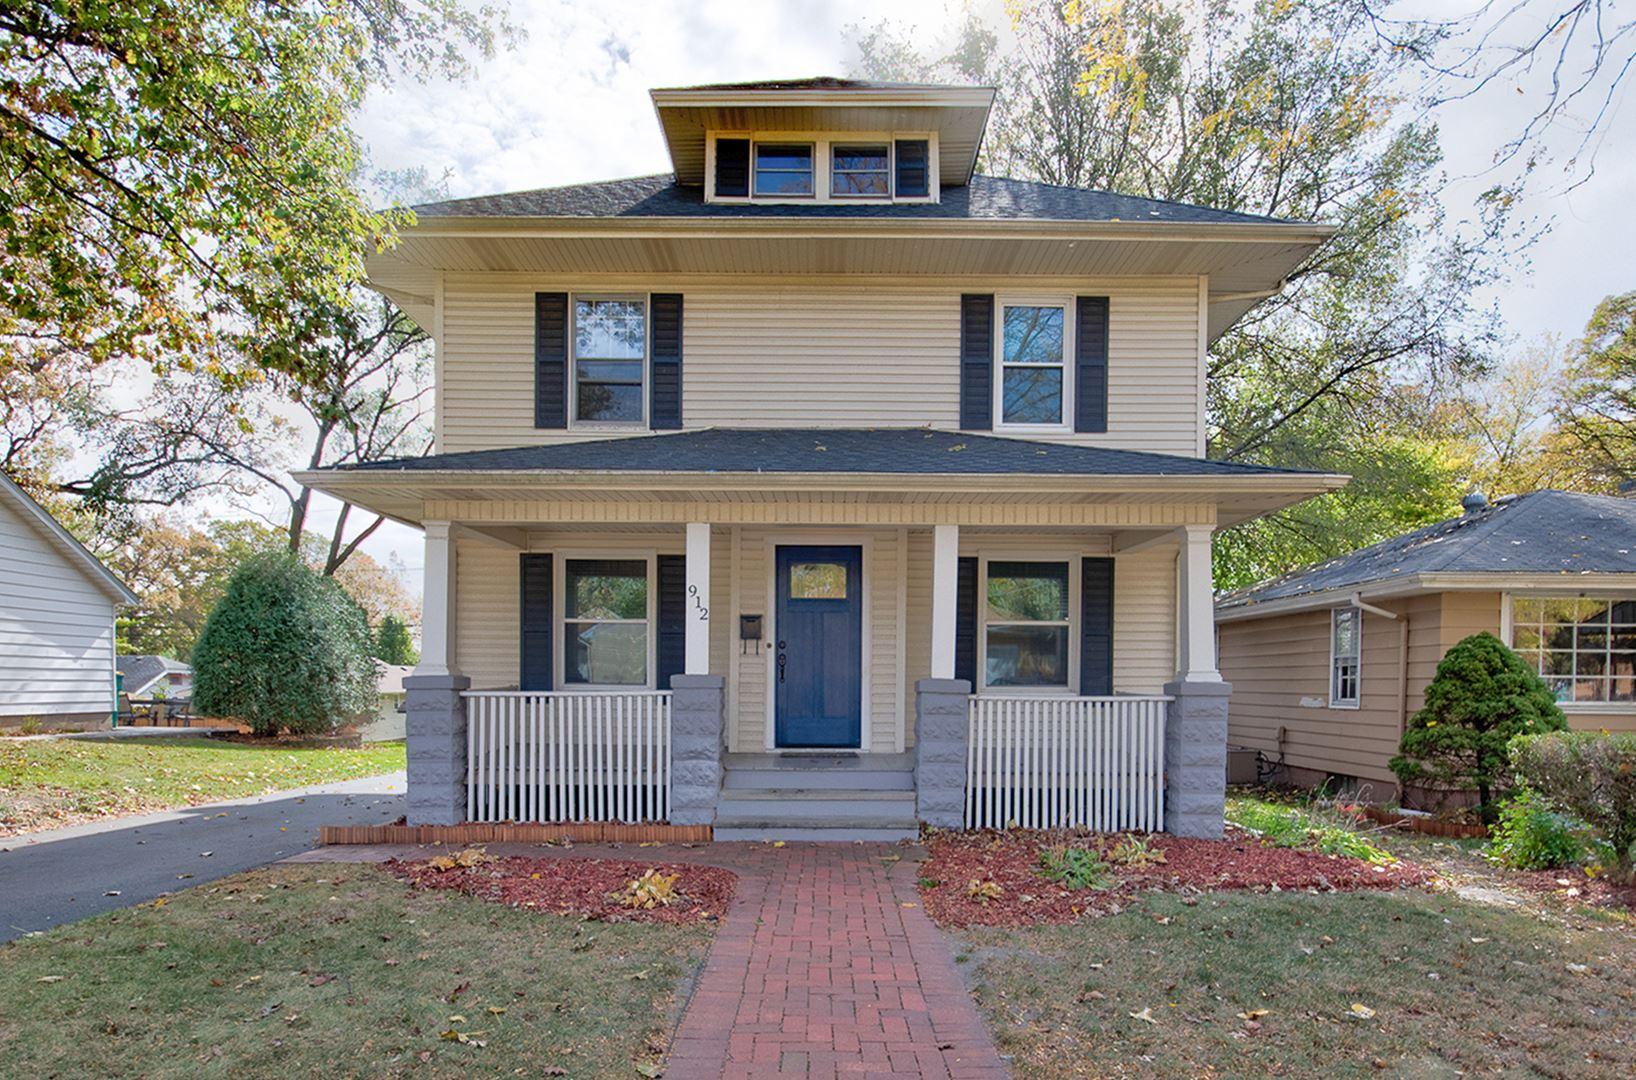 Photo for 912 Morgan Street, Joliet, IL 60436 (MLS # 10910122)